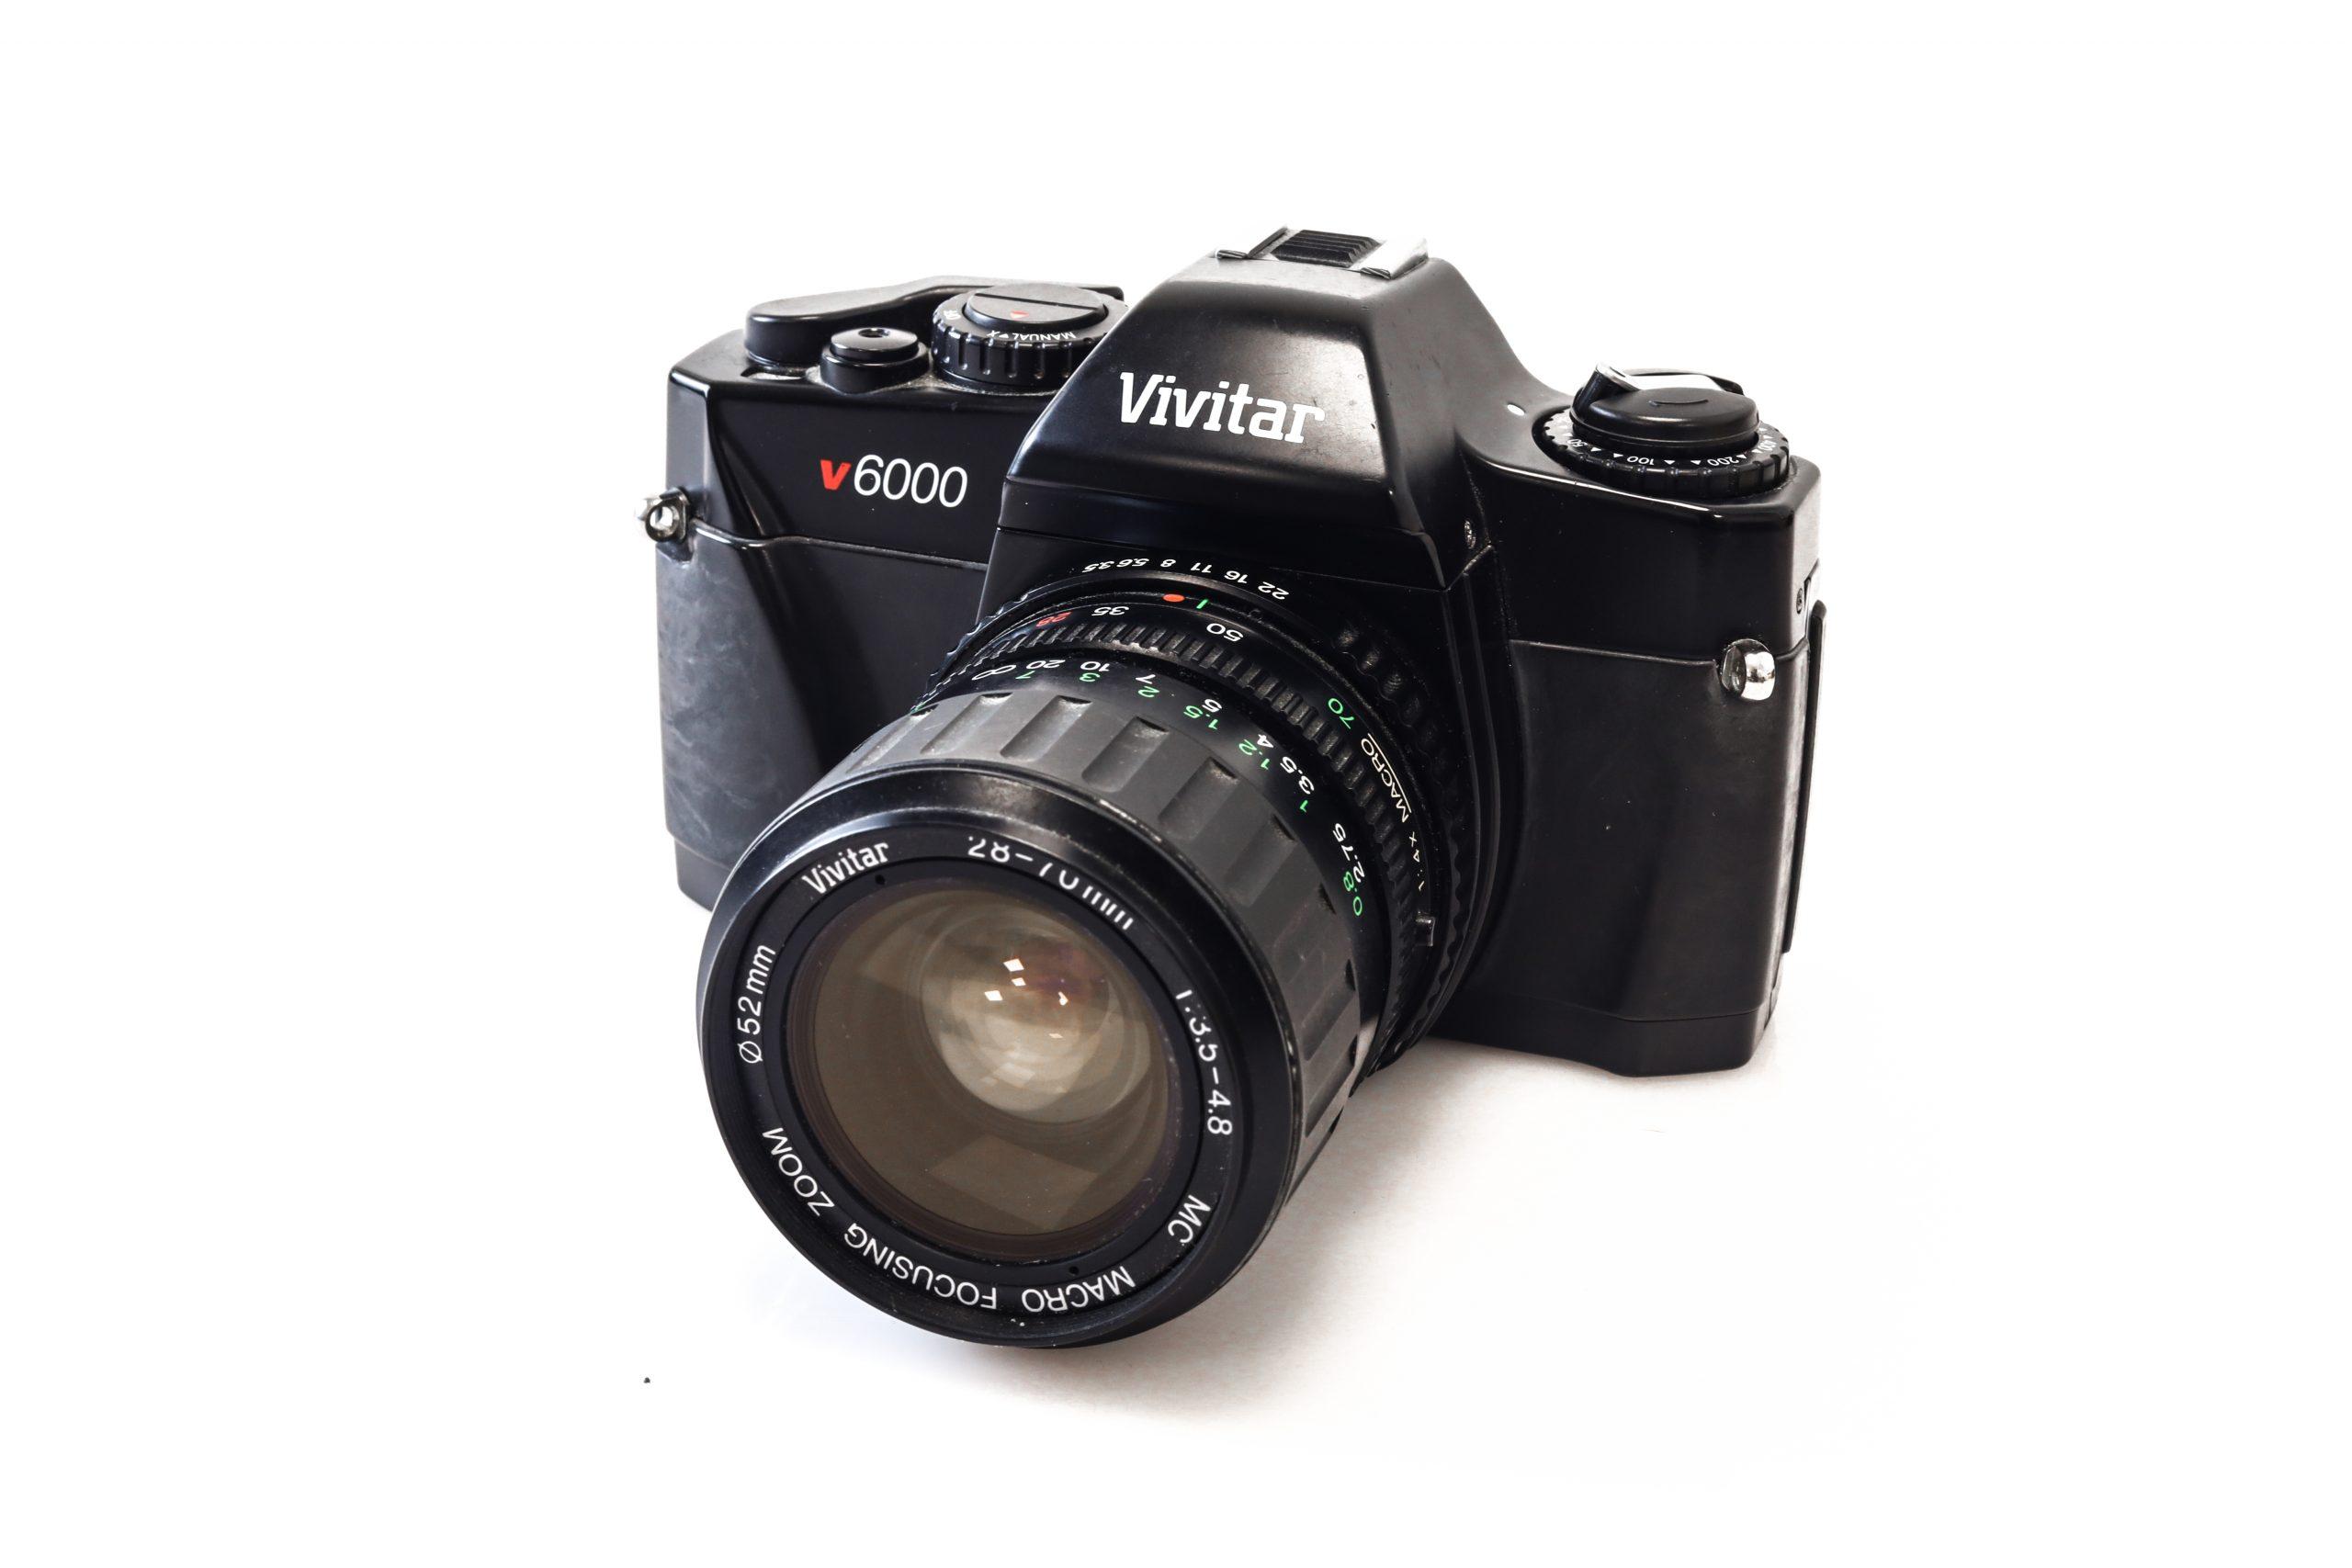 Vivitar V6000 35mm Film Camera + Vivitar 28-70mm F3.5-4.8 Lens